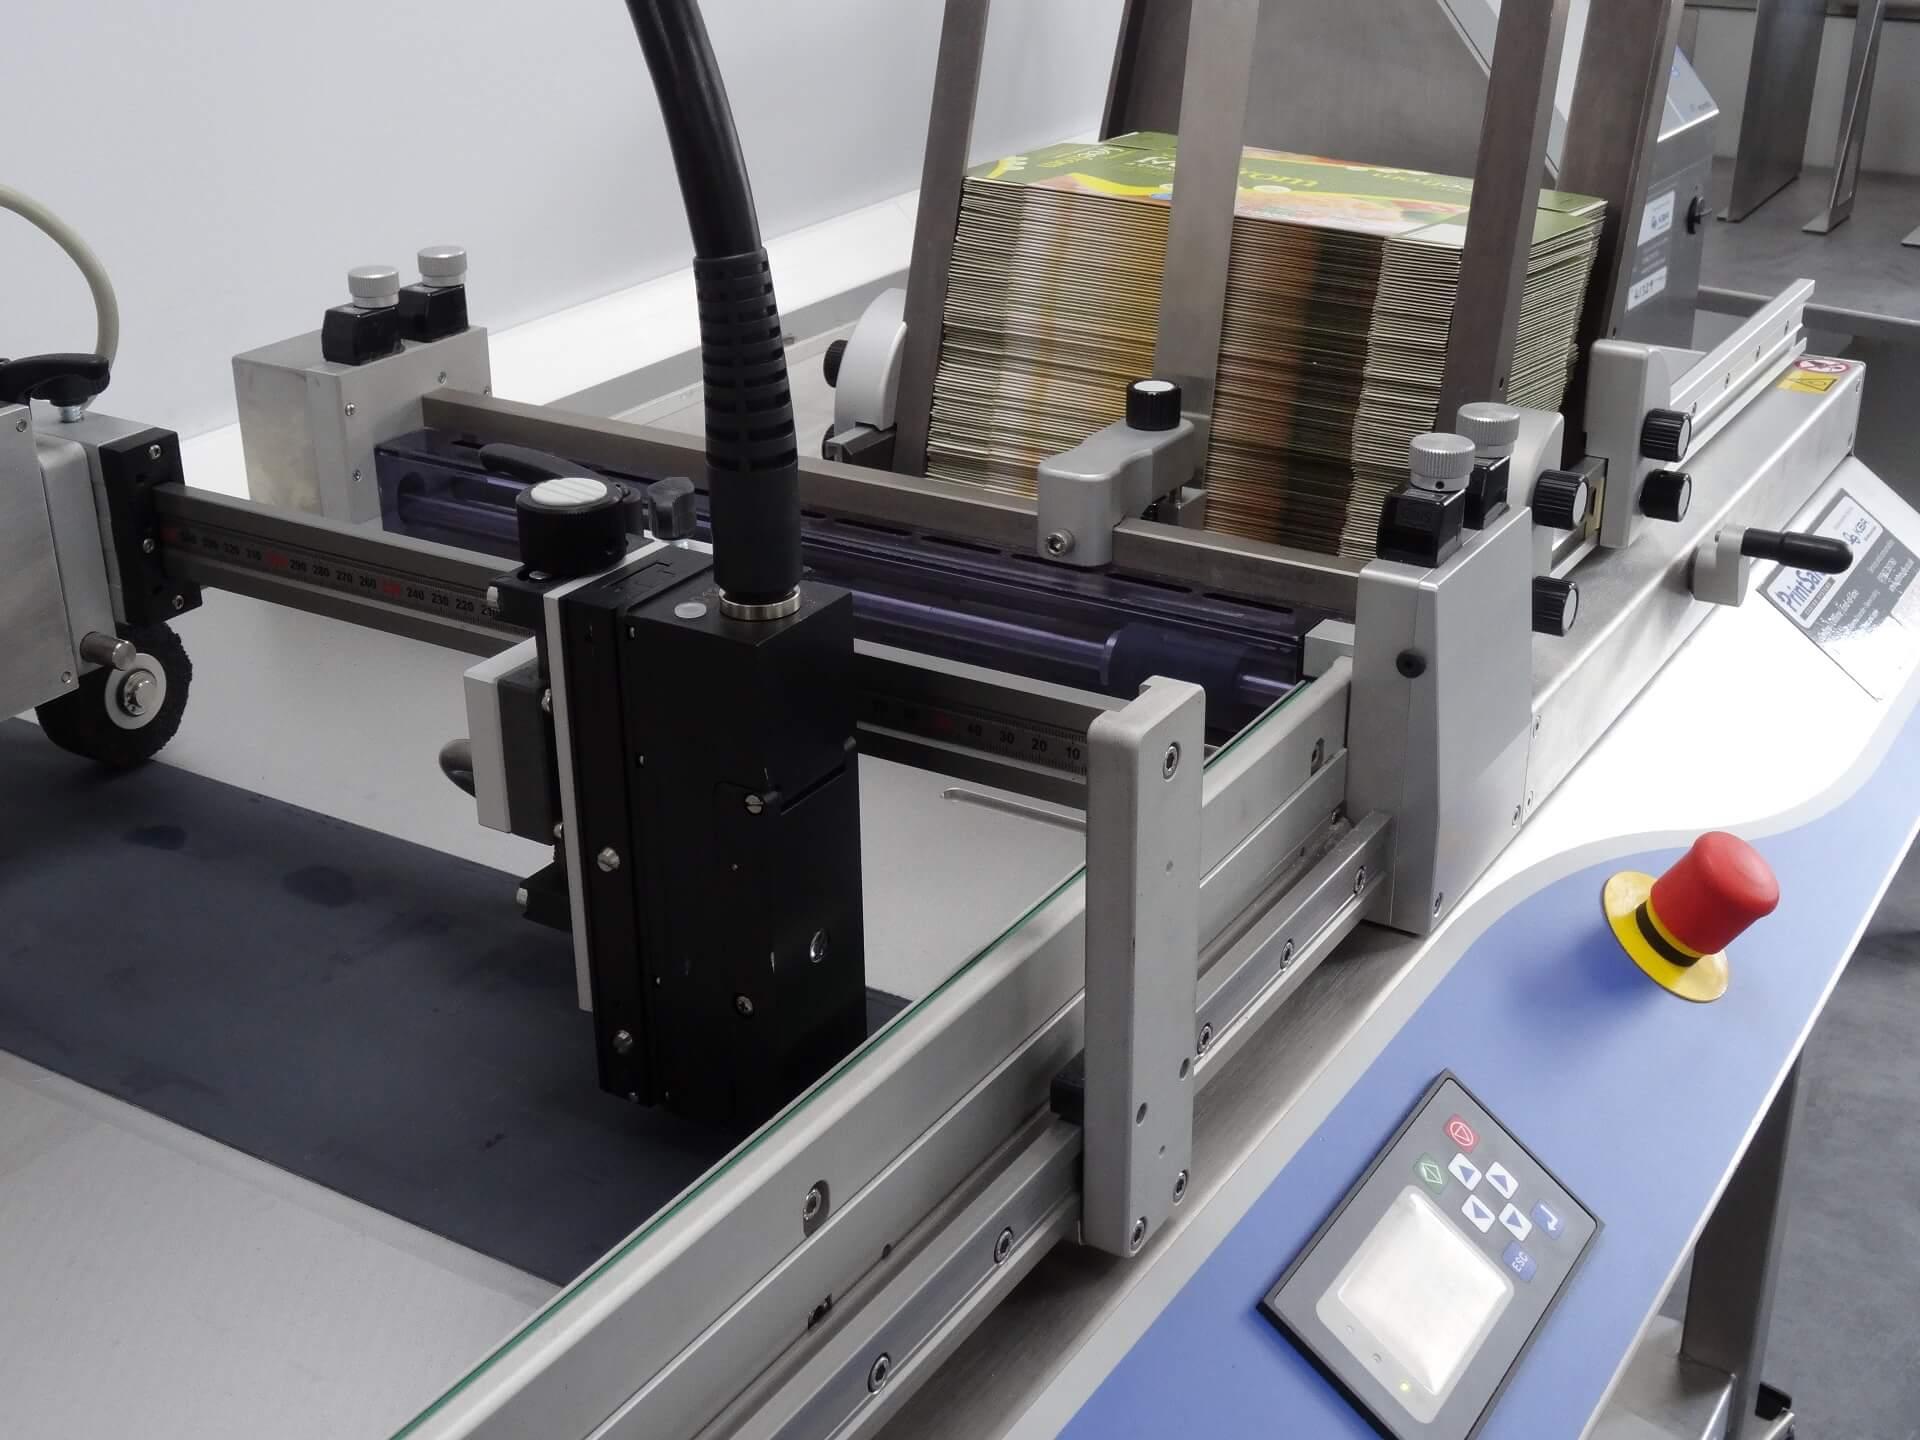 udaFORMAXX I Sleeve Carton Feeder Continuous Inkjet PrintSafe